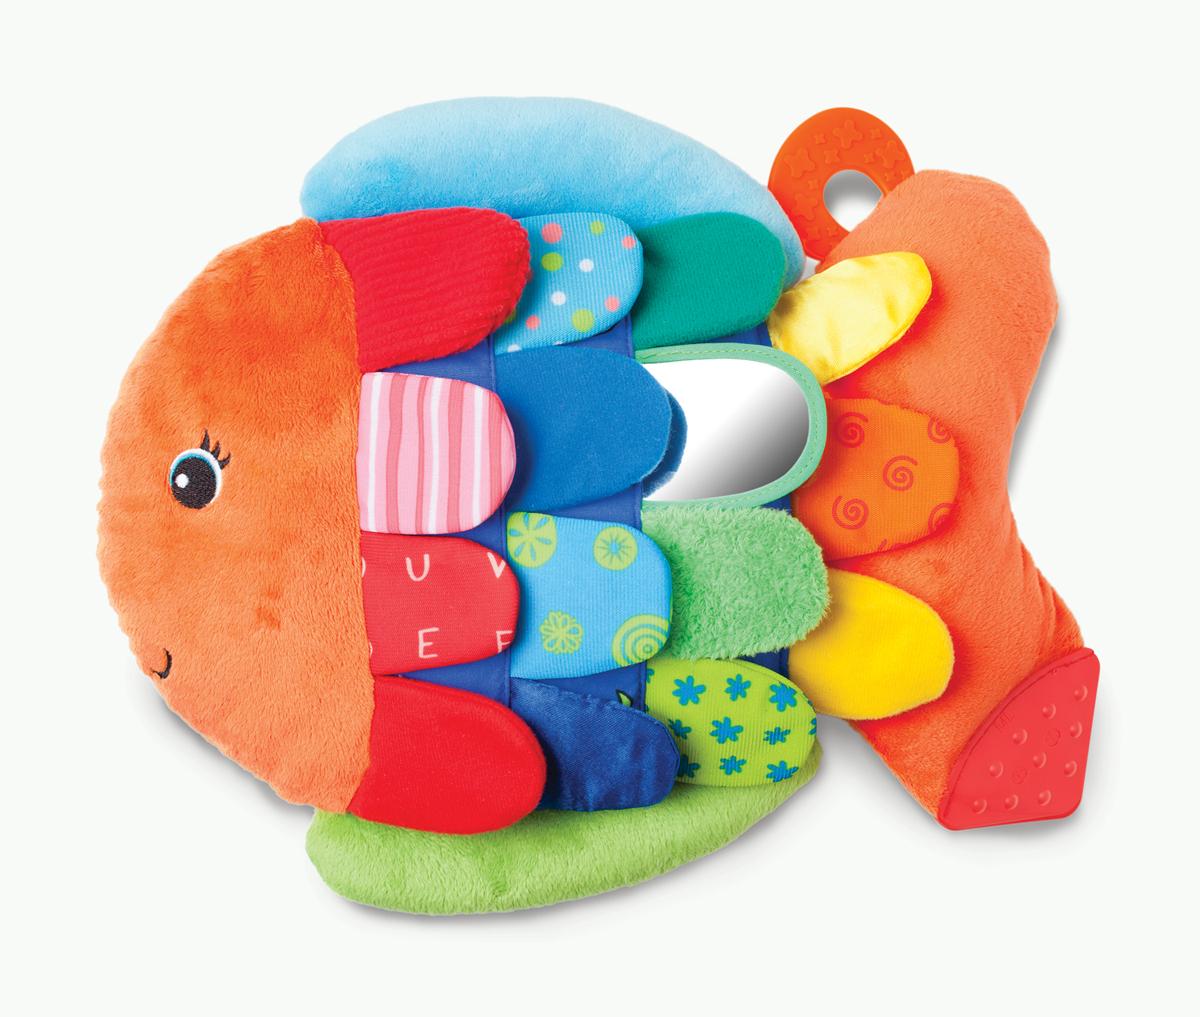 Melissa & Doug - Flip Fish Baby Toy 597f1a34b249a064b1ef5b536e1f845d